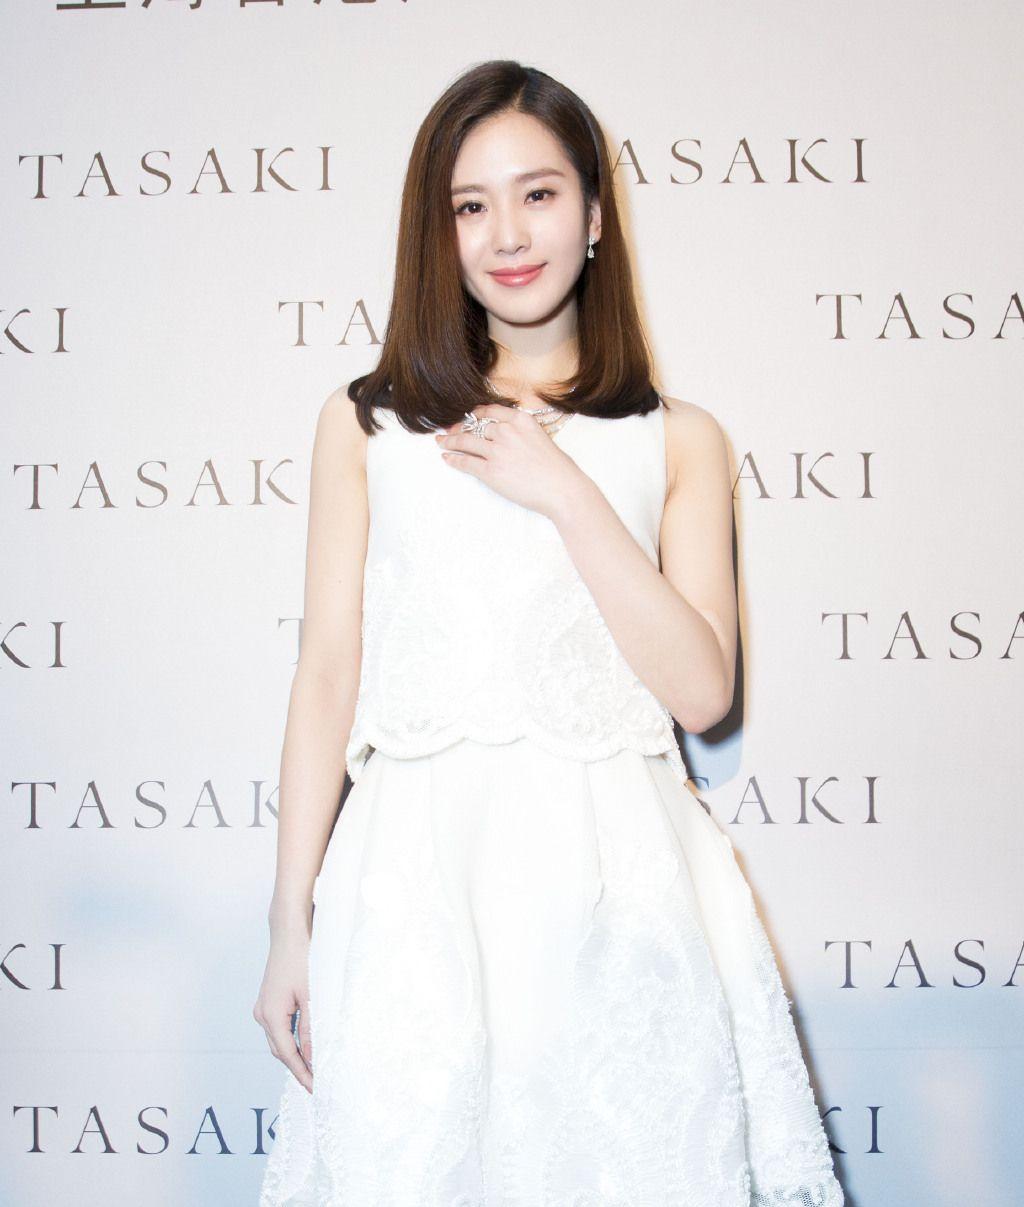 刘诗诗美貌、清纯,高挑的身材,鹅蛋型的脸庞,你喜欢她吗?